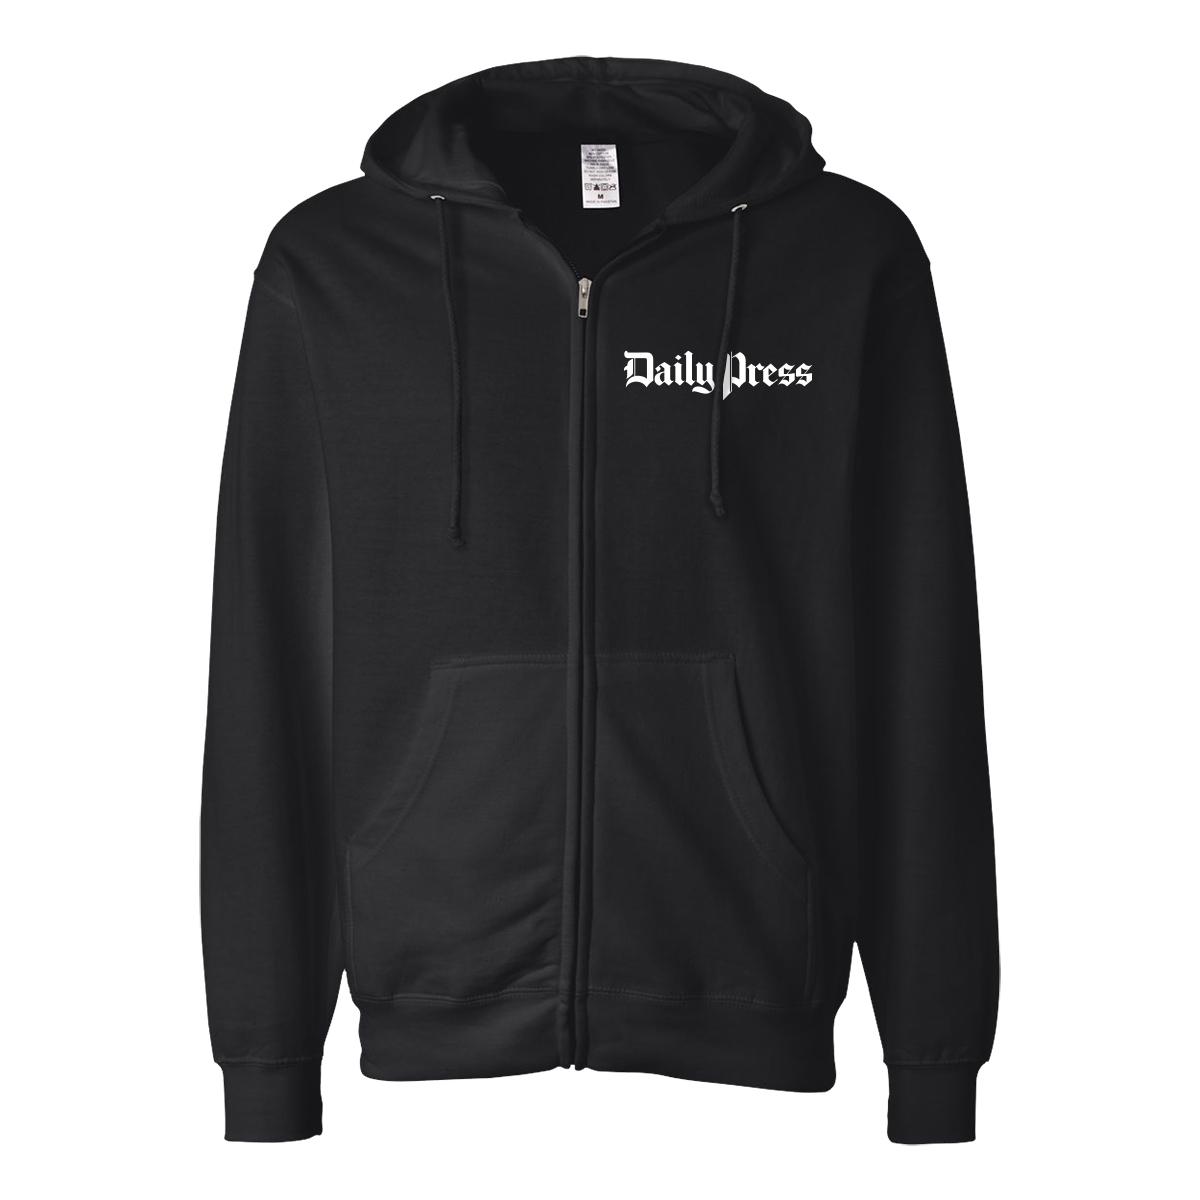 Daily Press Zip Hoodie